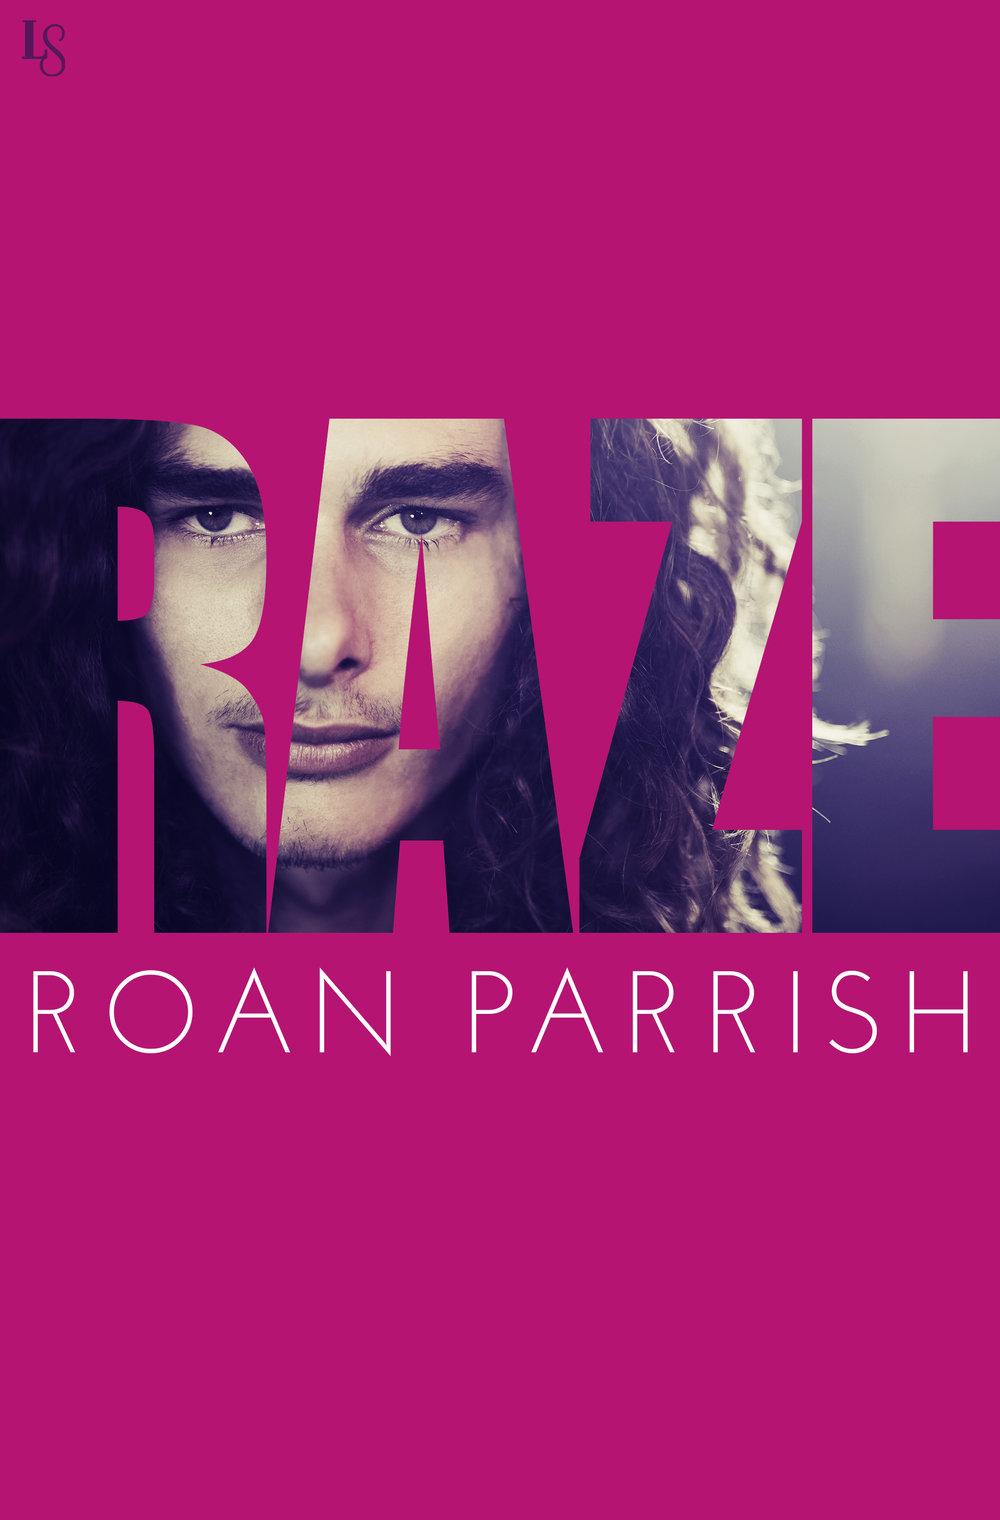 raze, an m/m romance by roan parrish